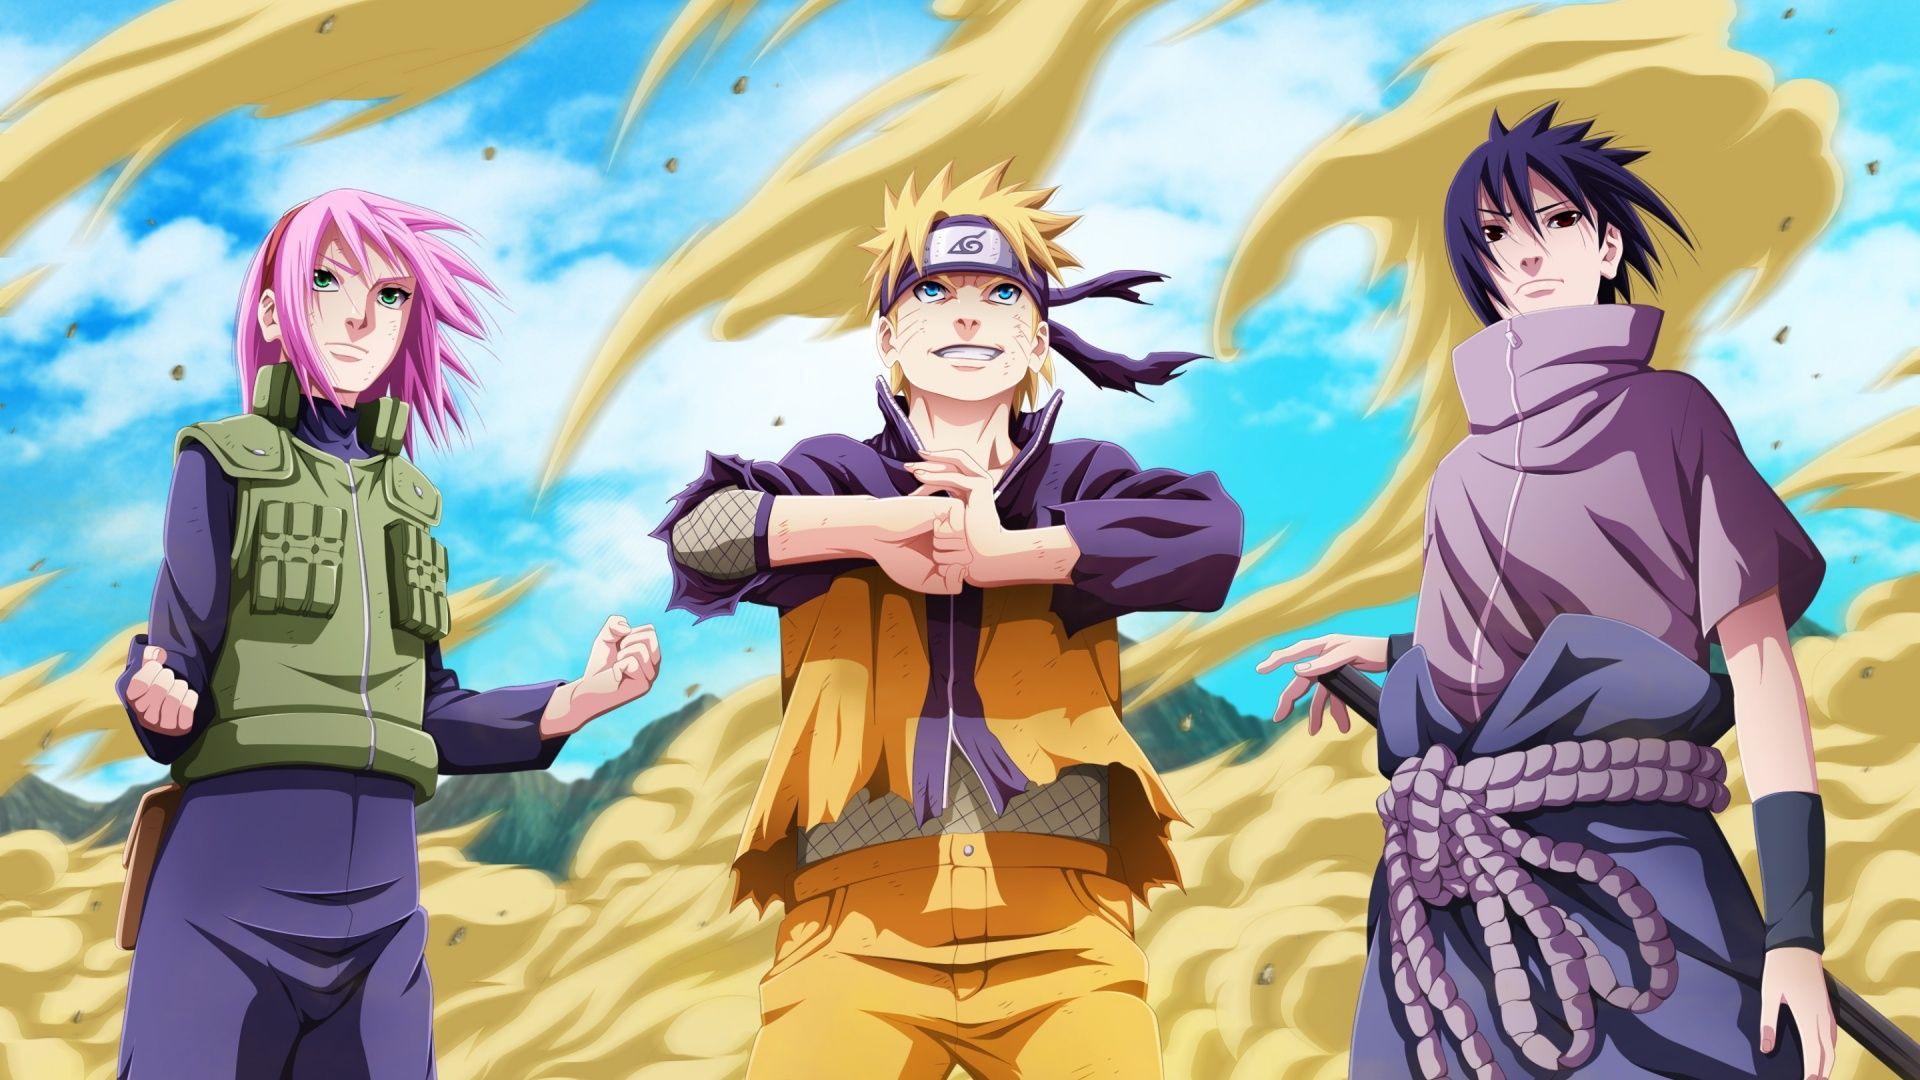 Ultra 4k Naruto Wallpapers Top Free Ultra 4k Naruto